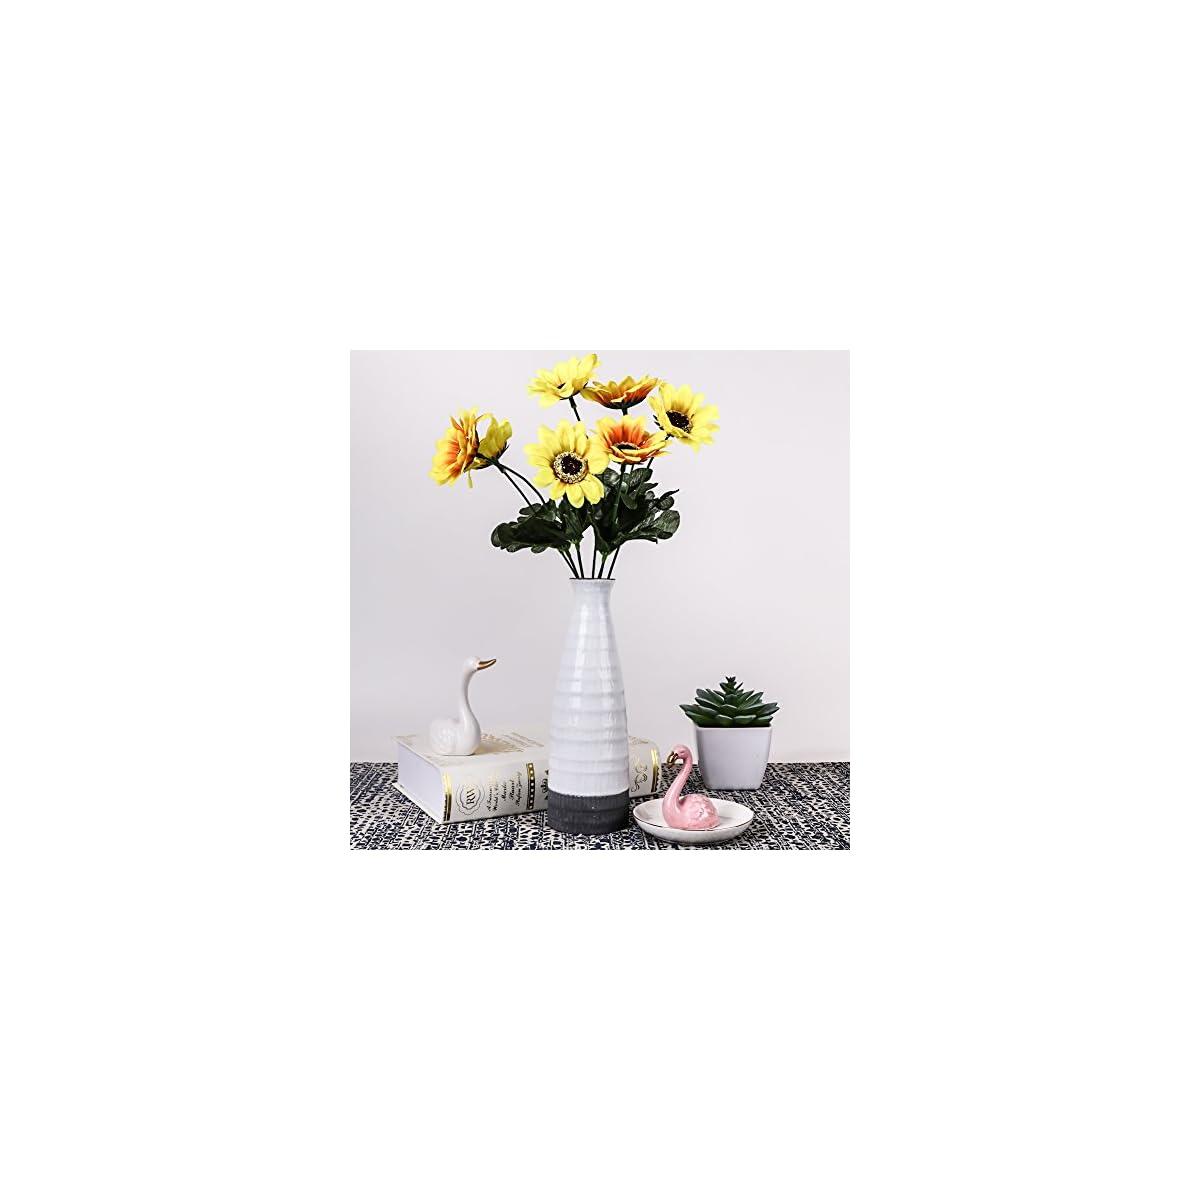 51cyJHGu2WL. SS1200  - TERESA'S COLLECTIONS Florero Jarrón de Cerámica para Flores,Hecho a Mano Estilo Moderno del Cilindro para la Decoración de Hogar (20cm de Altura, Gris y Blanco)